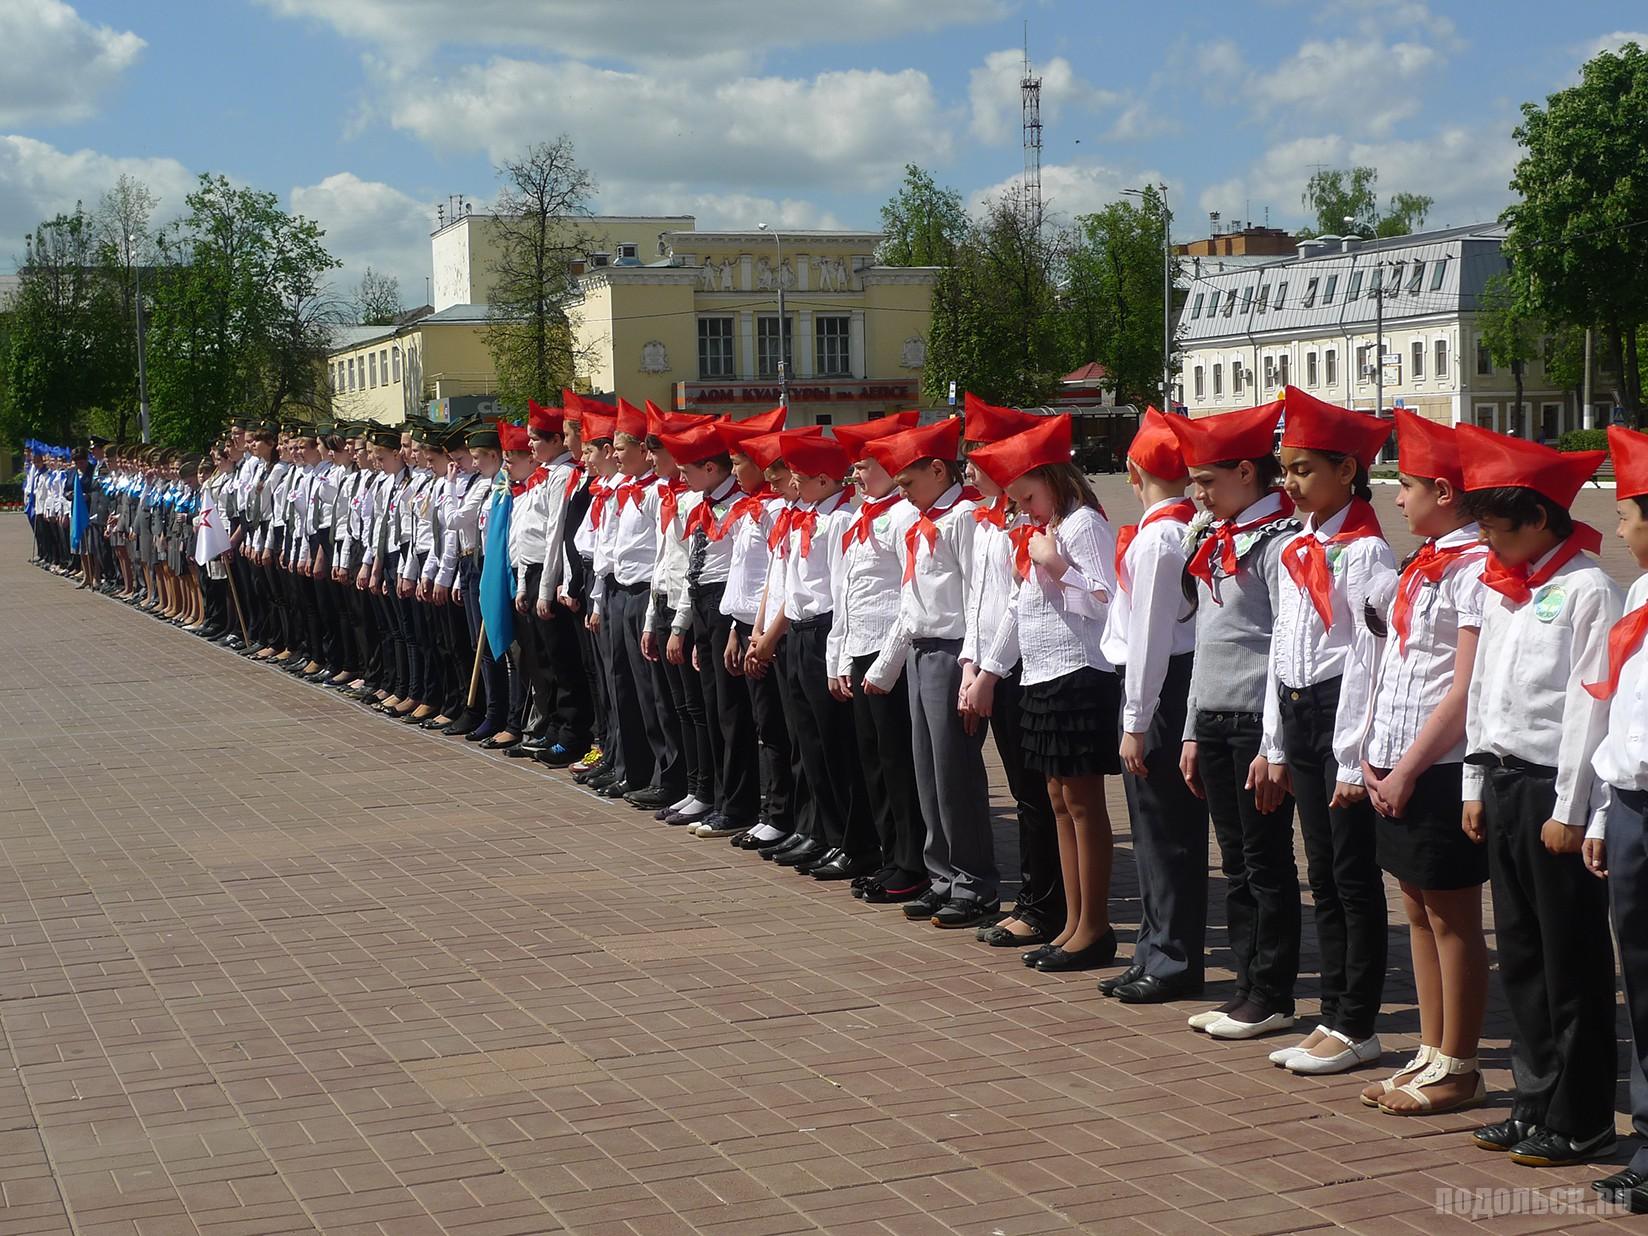 12.05.14 в Подольске прошел городской смотр строя и песни, в котором приняли участие отряды Союза детских организаций города Подольска.